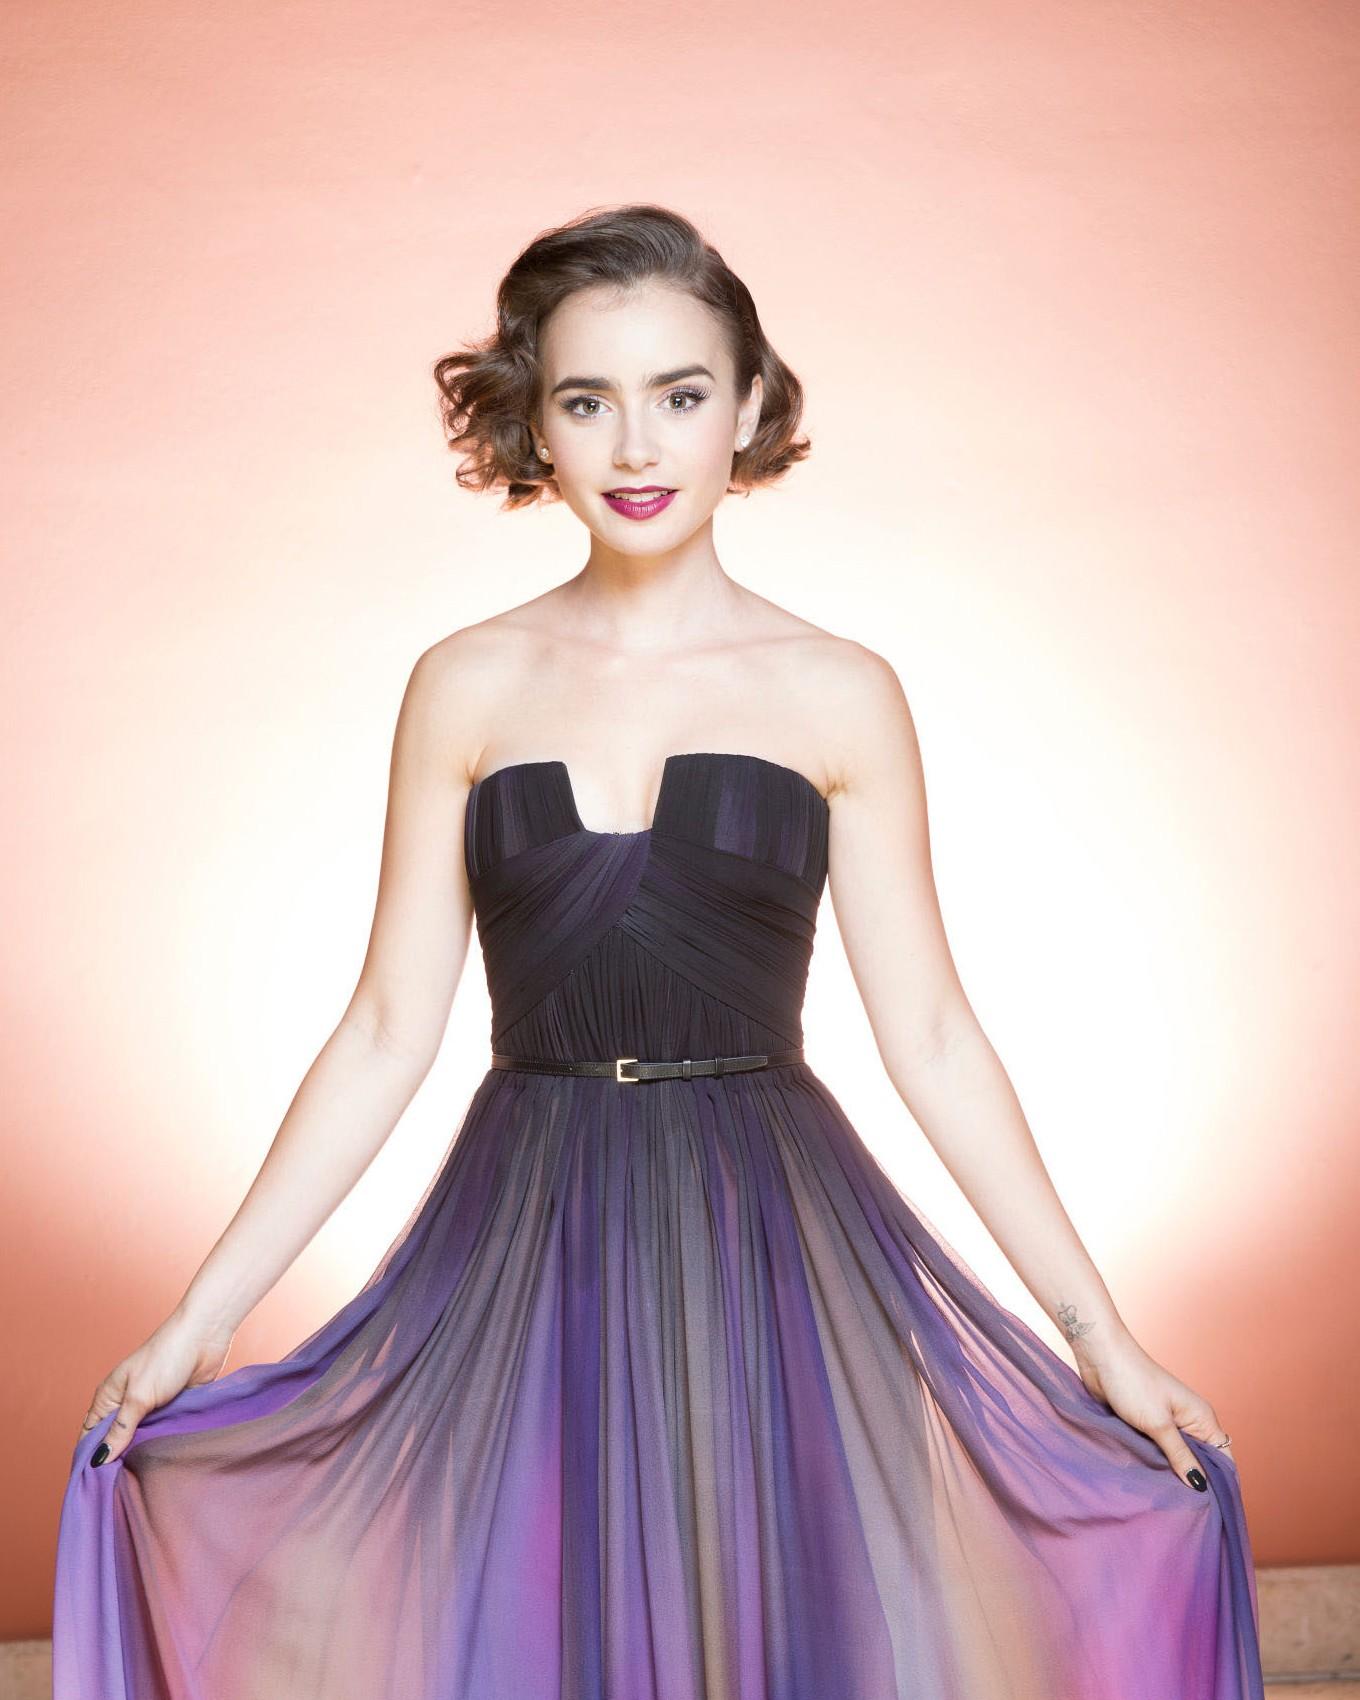 Hintergrundbilder : Frau, Berühmtheit, Kleid, Mode, Lily Collins ...